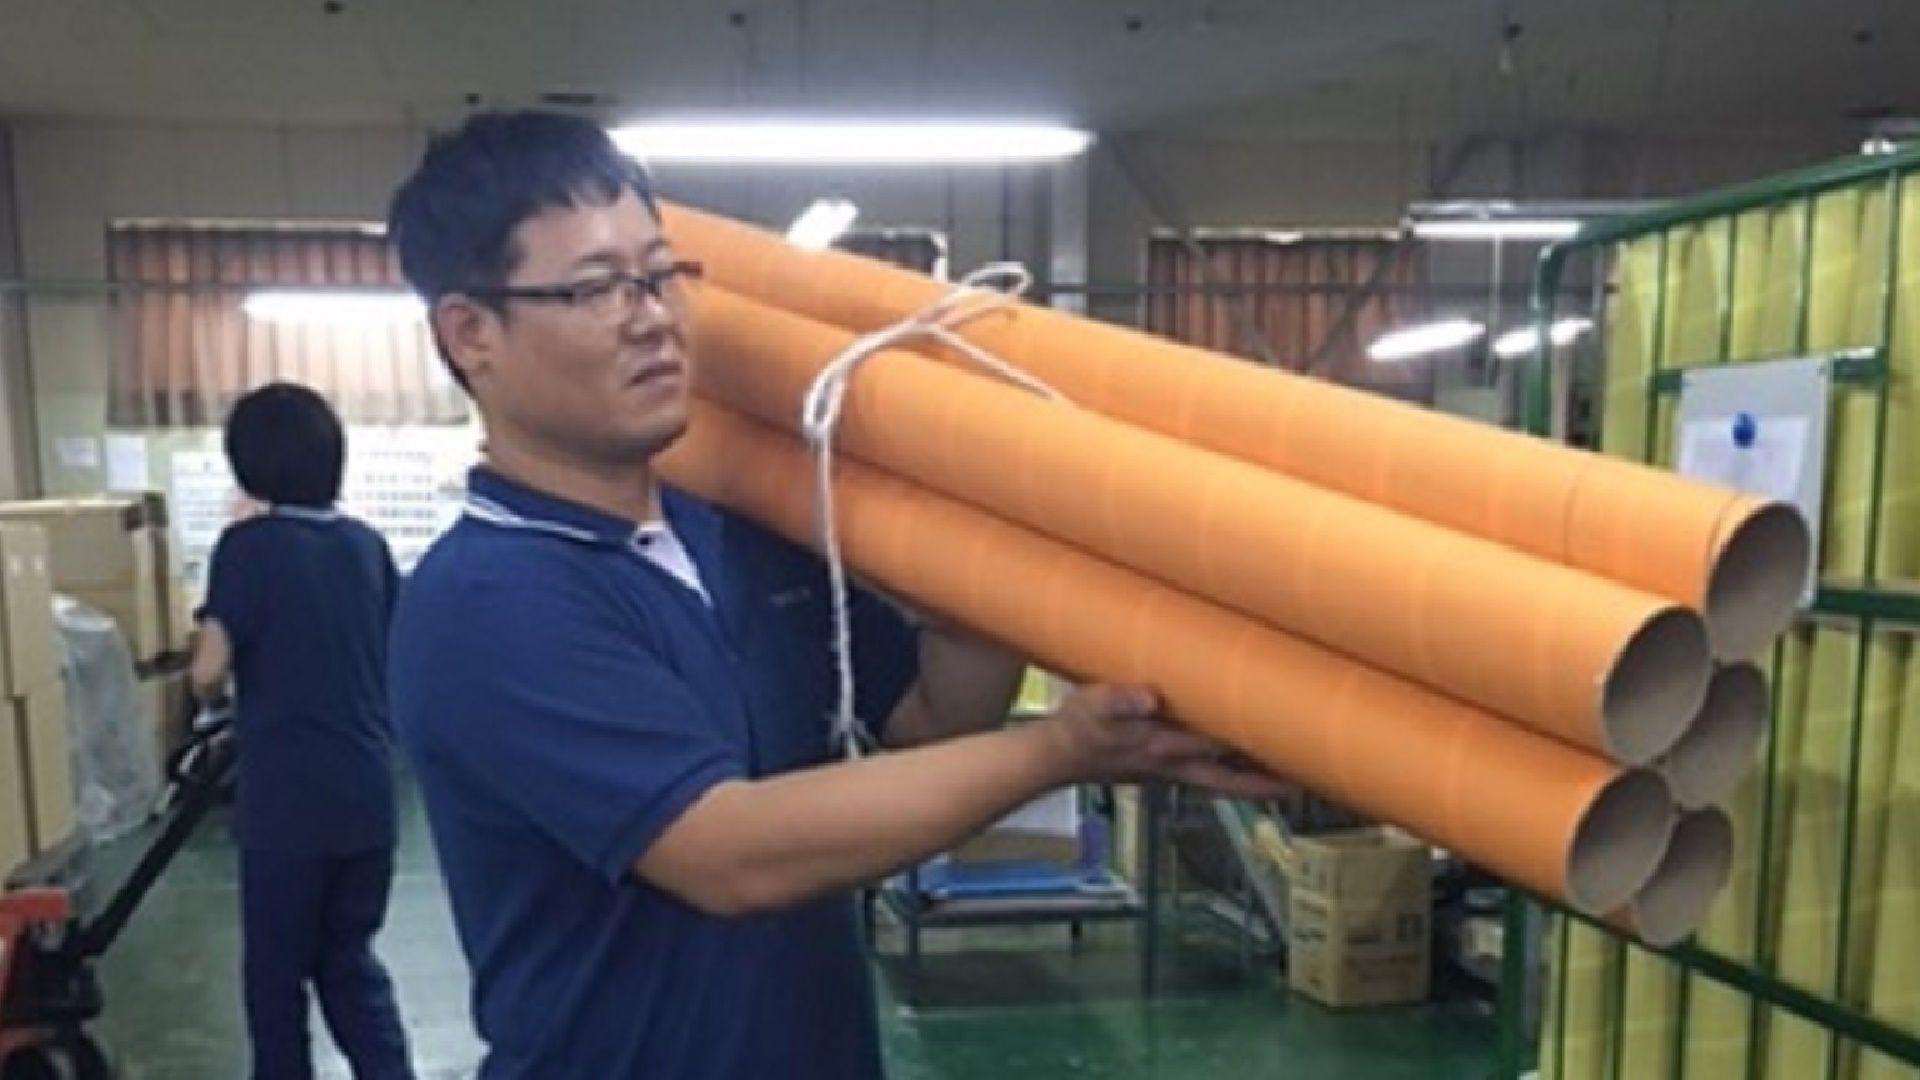 """日本の労働生産性向上に貢献 全国初のムダ取り人材育成団体「ダイエット経営」が、""""利益を生み出す生産性改善講座""""を初開催。"""